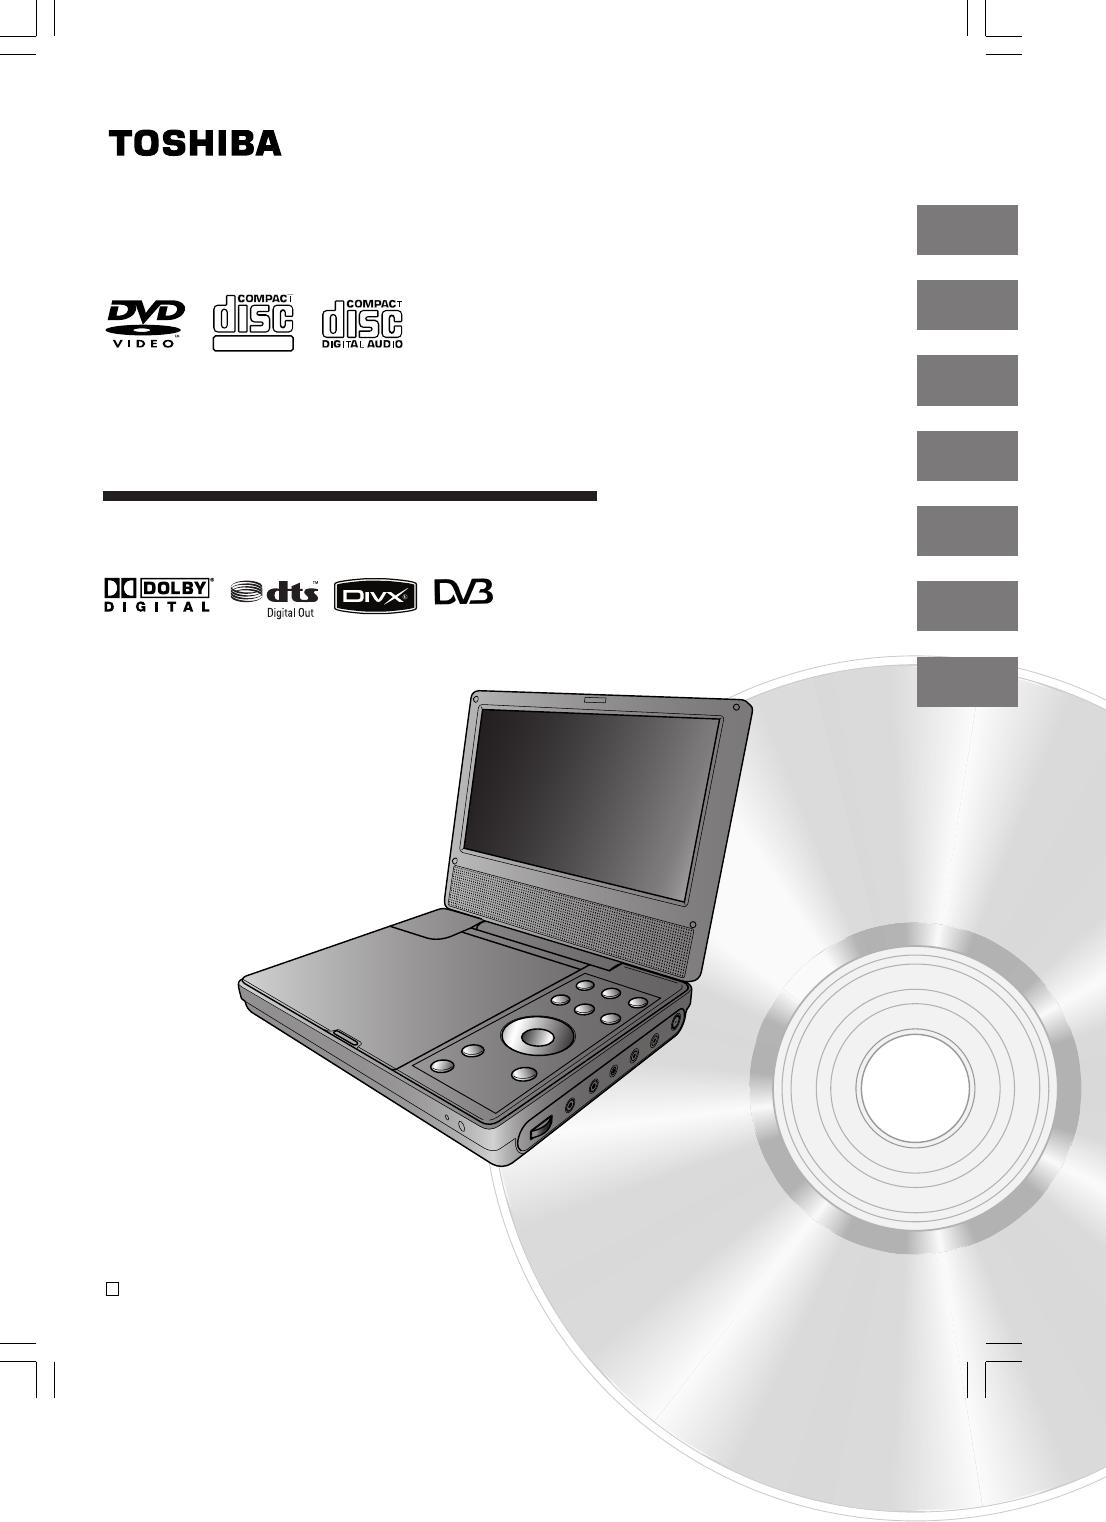 Toshiba Portable Dvd Player Sd